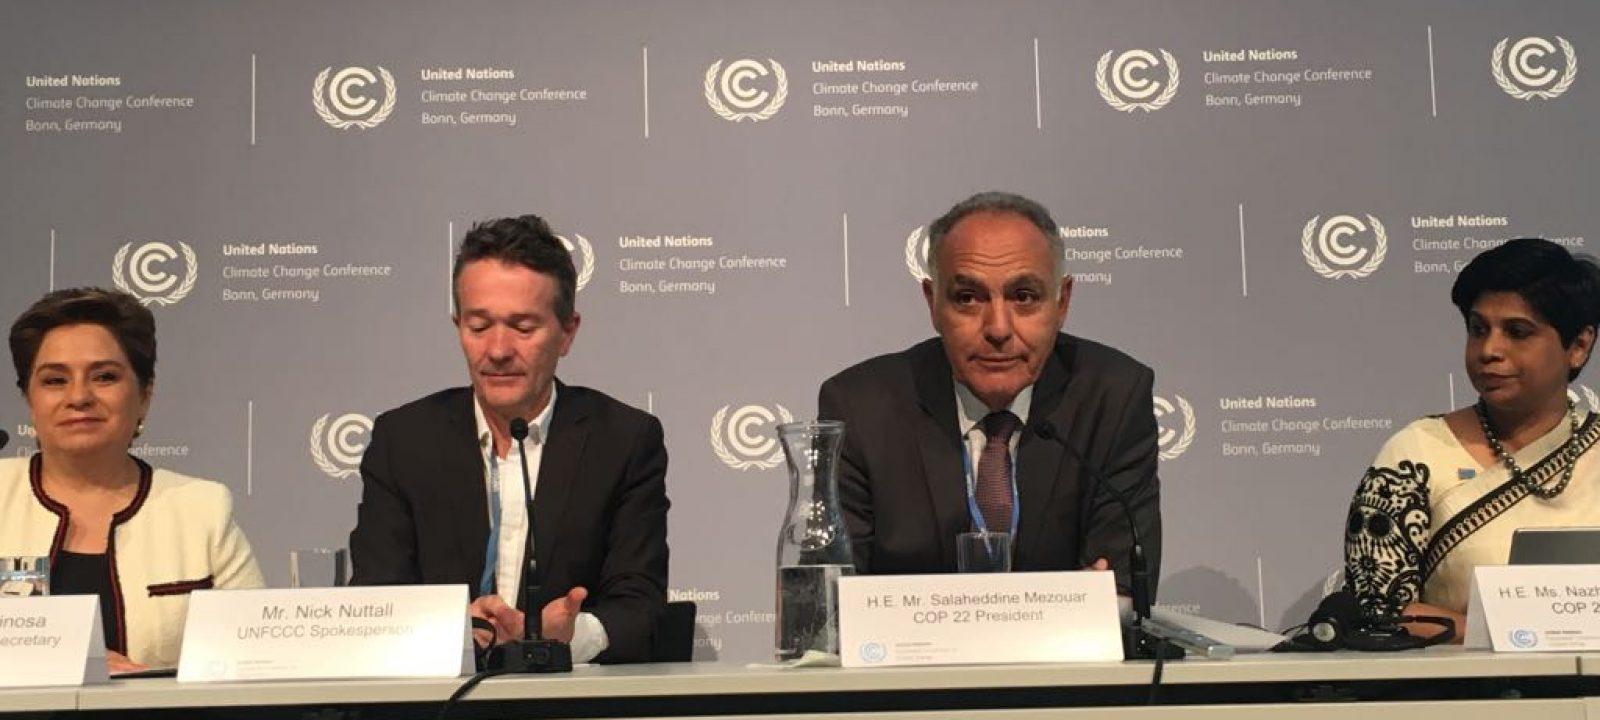 مؤتمر المناخ العالمي